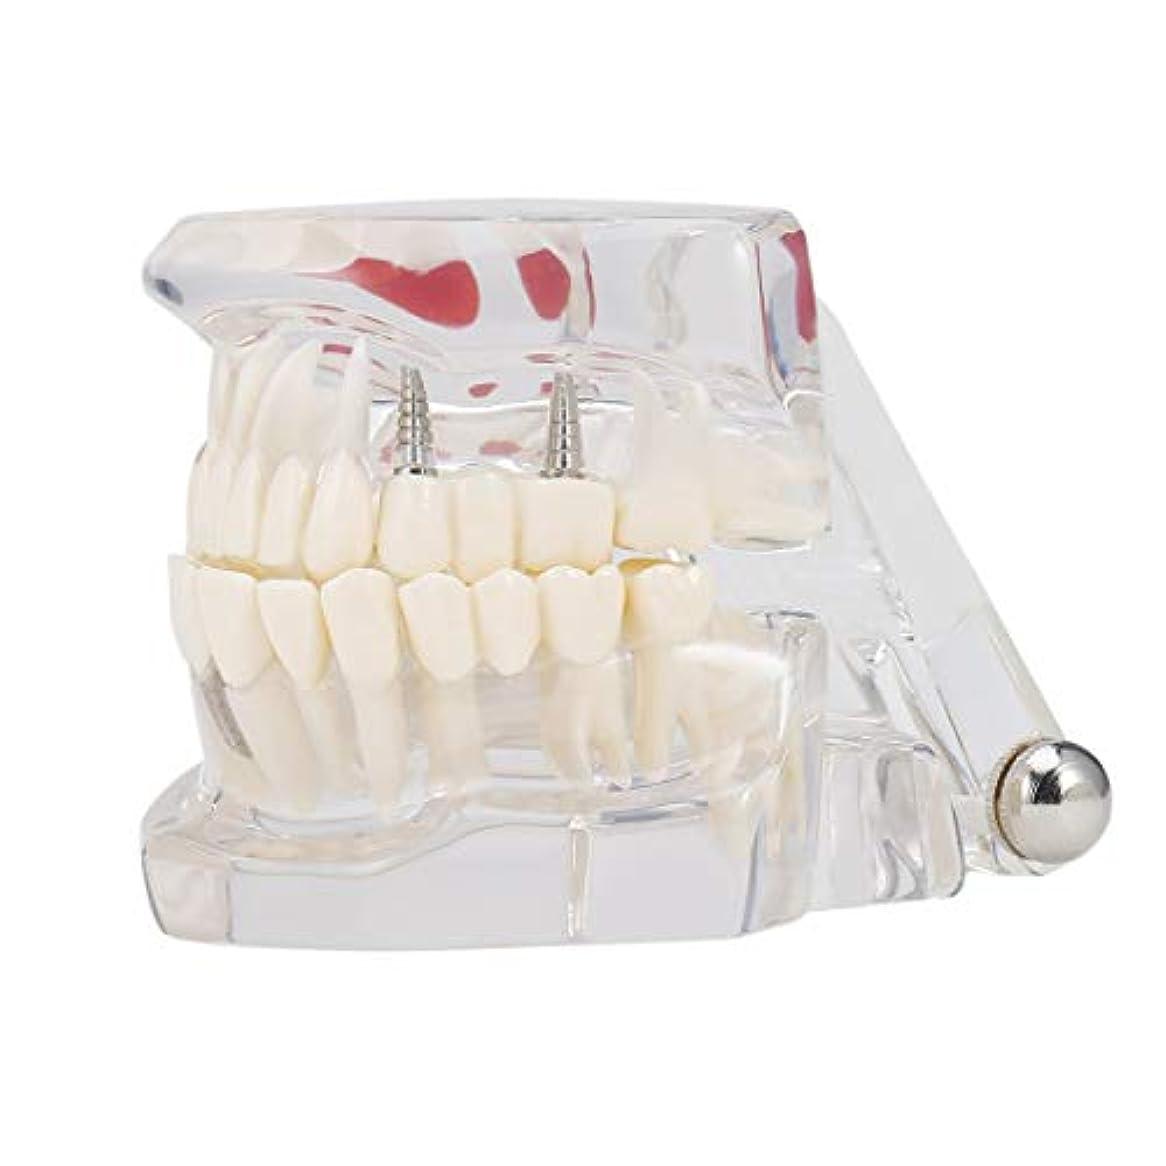 上流の固める注釈専門の取り外し可能な偽の歯の歯の病気のモルデルの歯科インプラント回復表示医院の病院の教育使用 (色:黒) (PandaW)